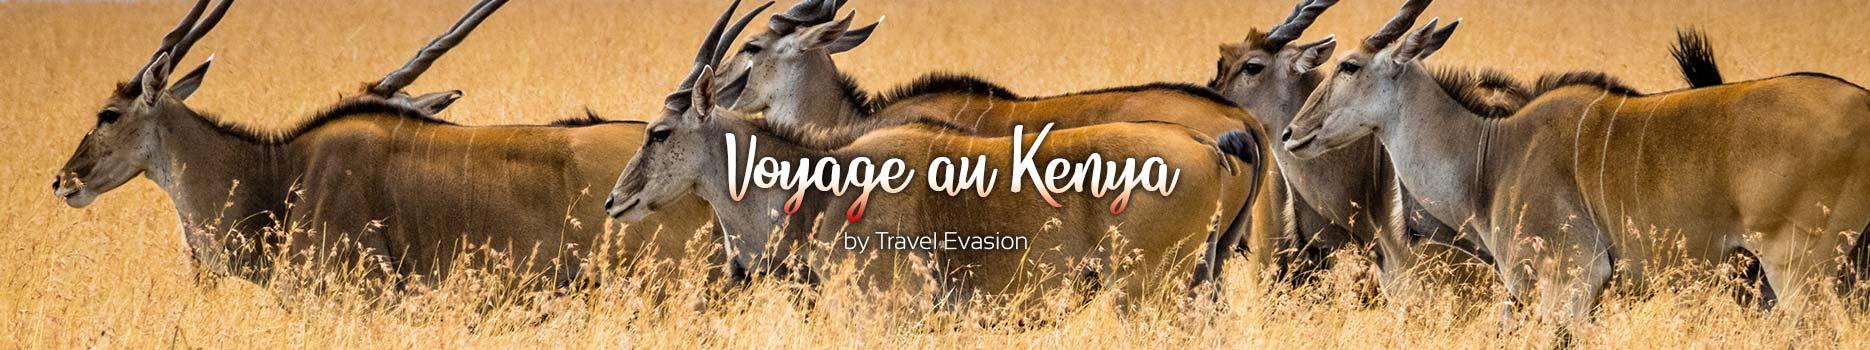 Un voyage au Kenya et le safari dans le Masai Mara et Amboseli